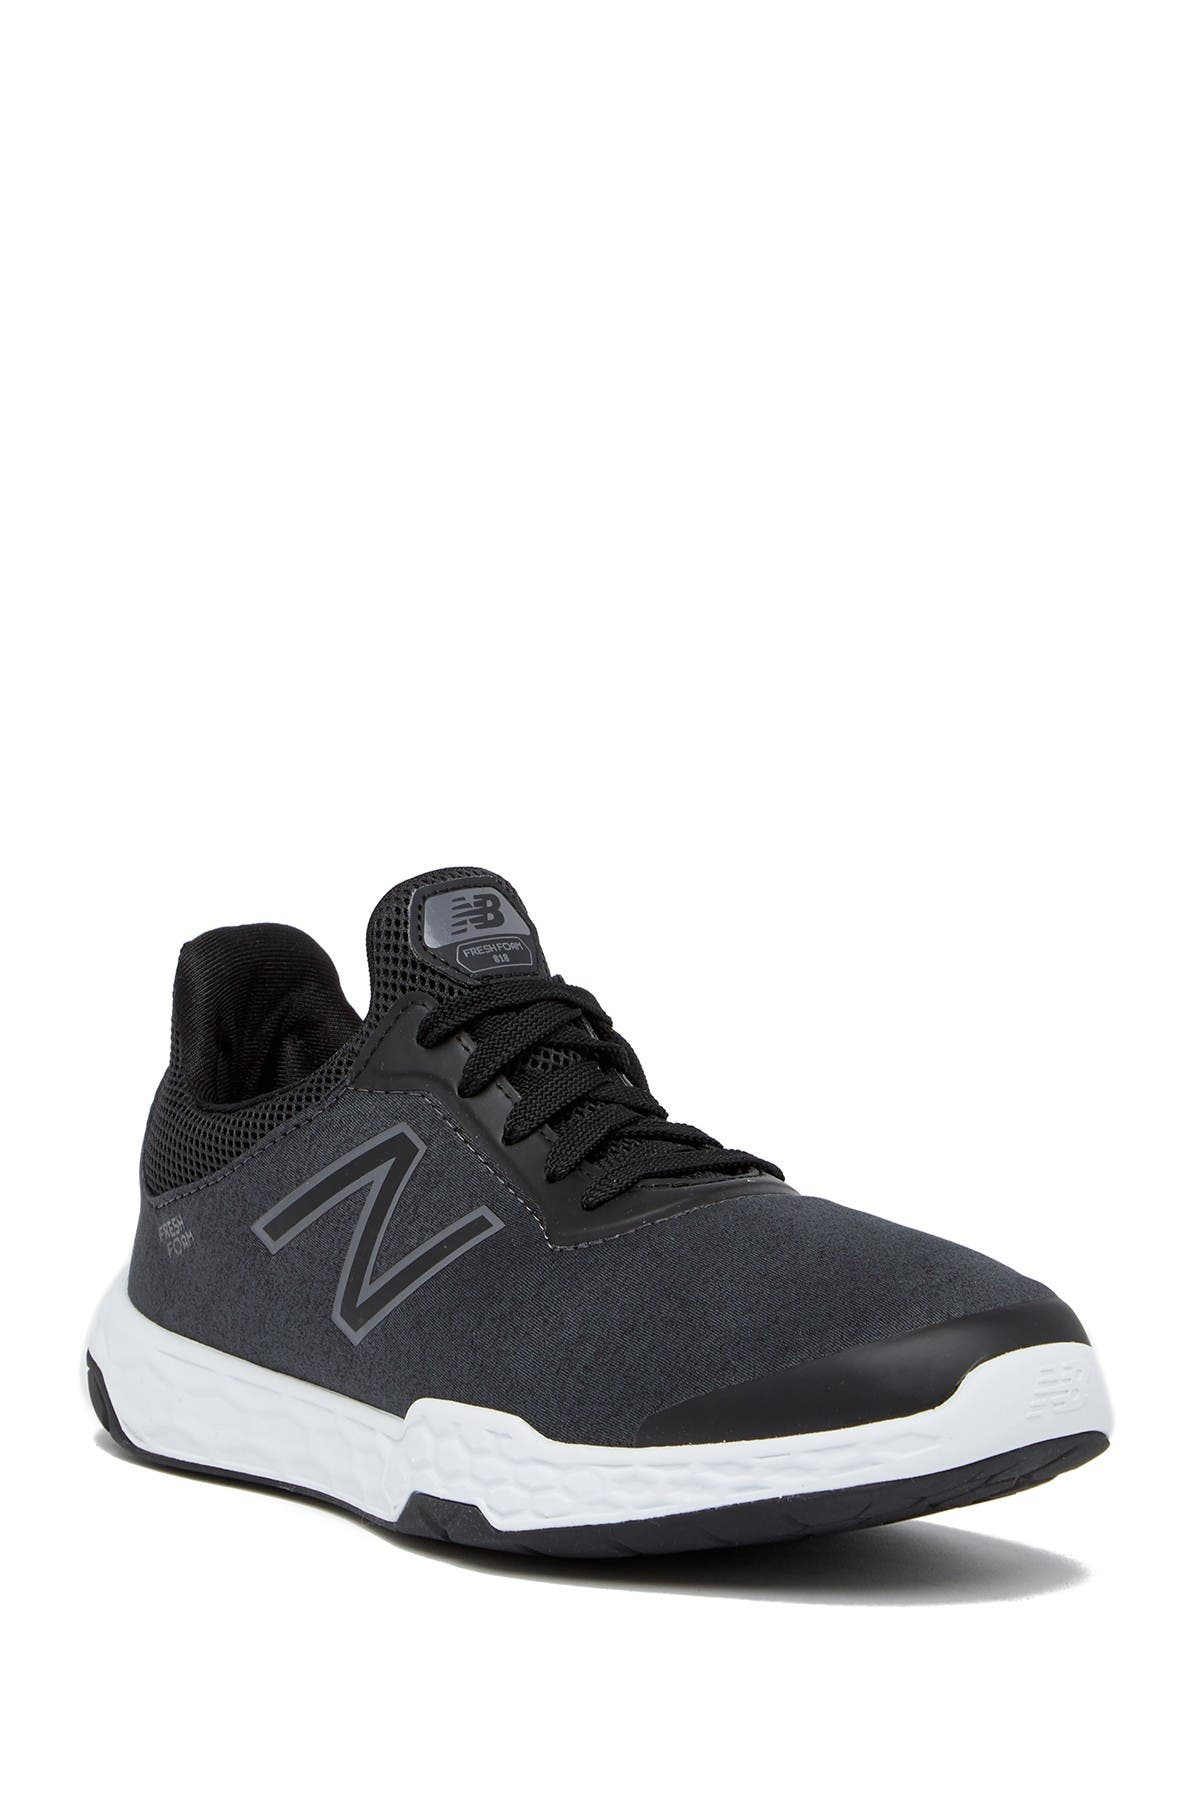 New Balance | 818 V3 Athletic Sneaker | Nordstrom Rack